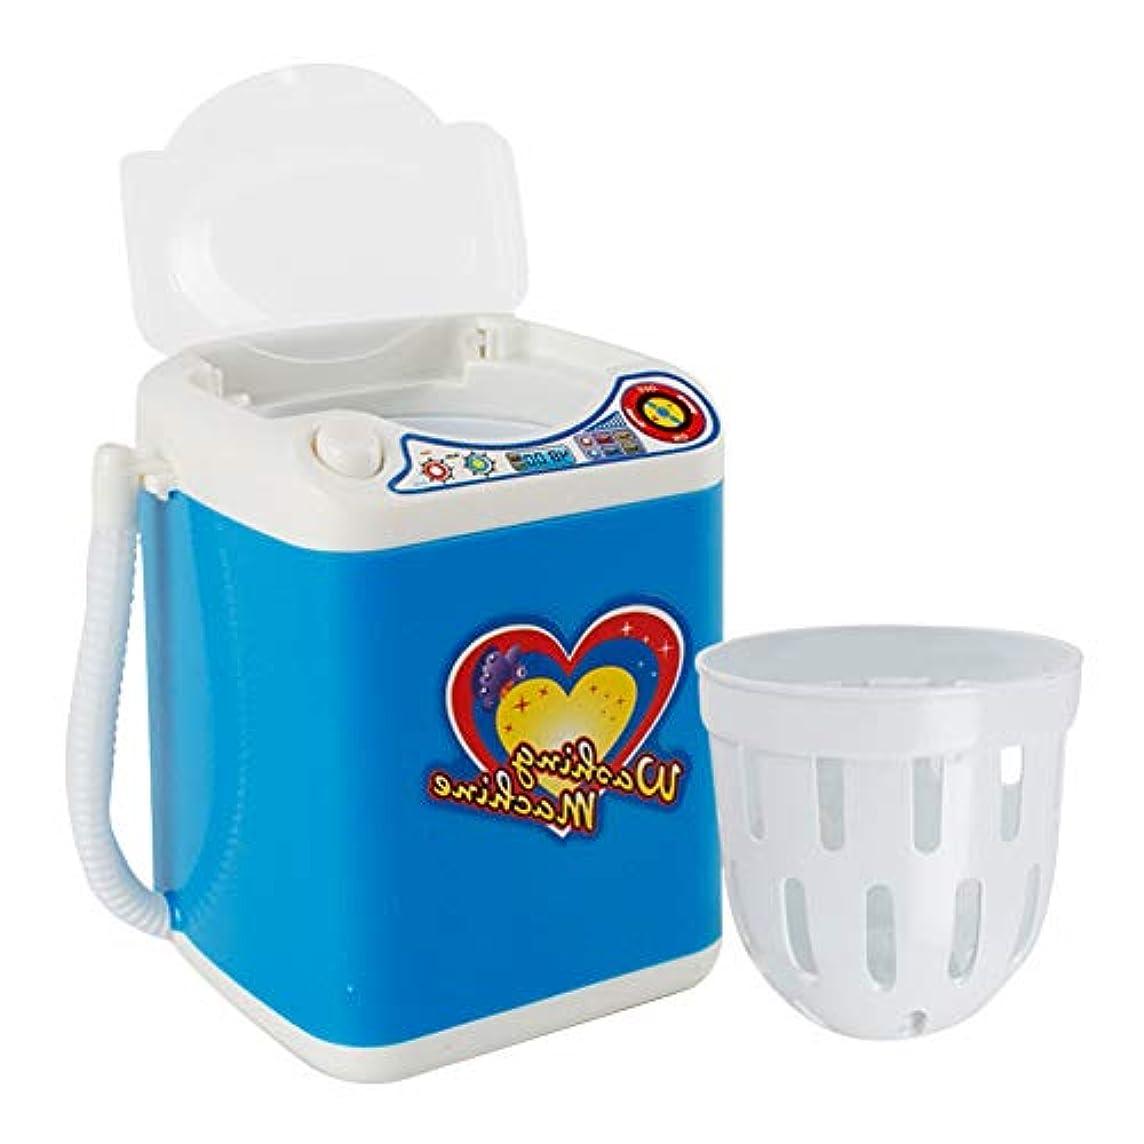 どんなときもコーンウォール概して洗濯機丈夫なクリーニング子供家具玩具ポータブル自動回転ミニ電気ふりプレイ電池式ランドリー排水バスケット化粧ブラシ(ブルー)